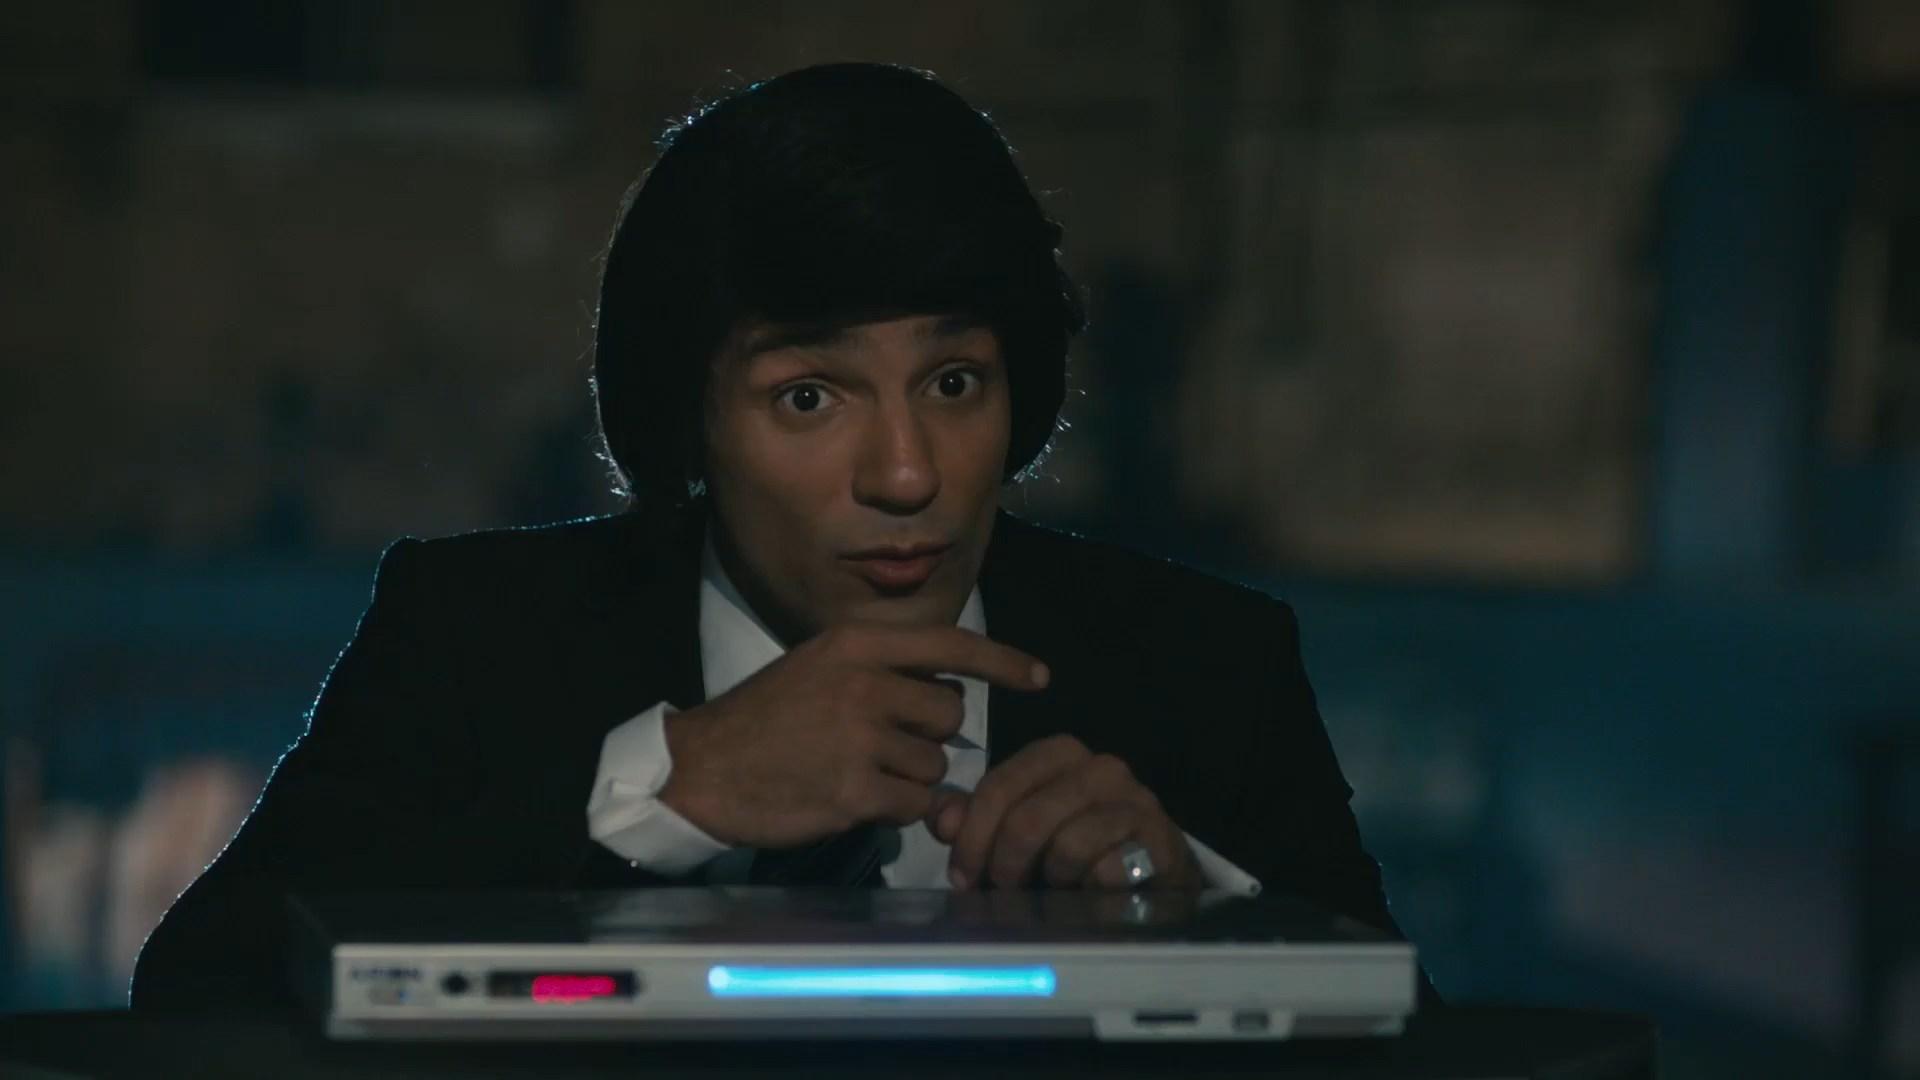 [فيلم][تورنت][تحميل][مهمة في فيلم قديم][2012][1080p][Web-DL] 6 arabp2p.com